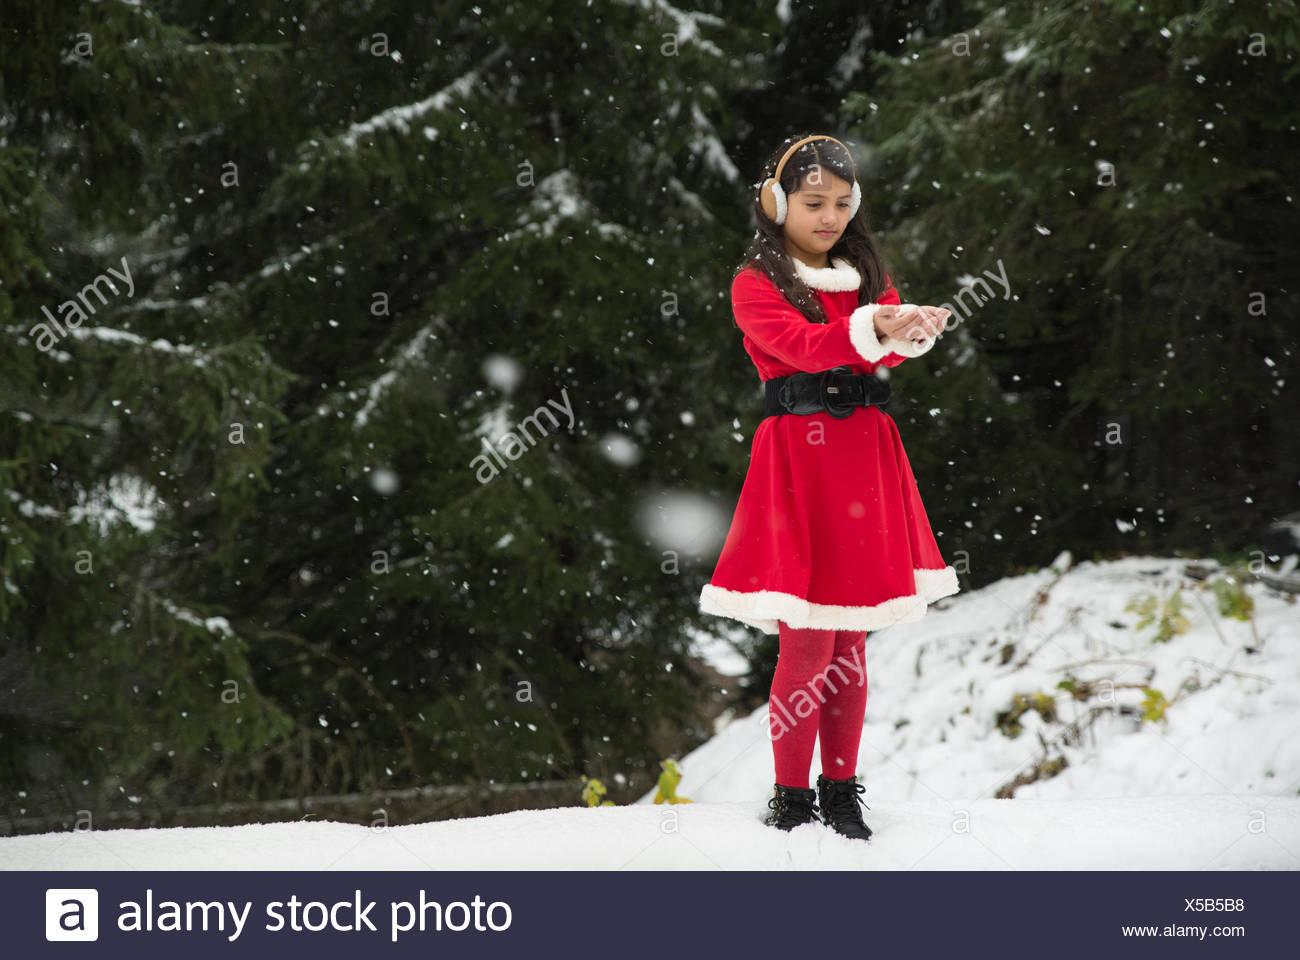 Mädchen mit Weihnachten Santa Outfit fangen Schnee Stockfoto